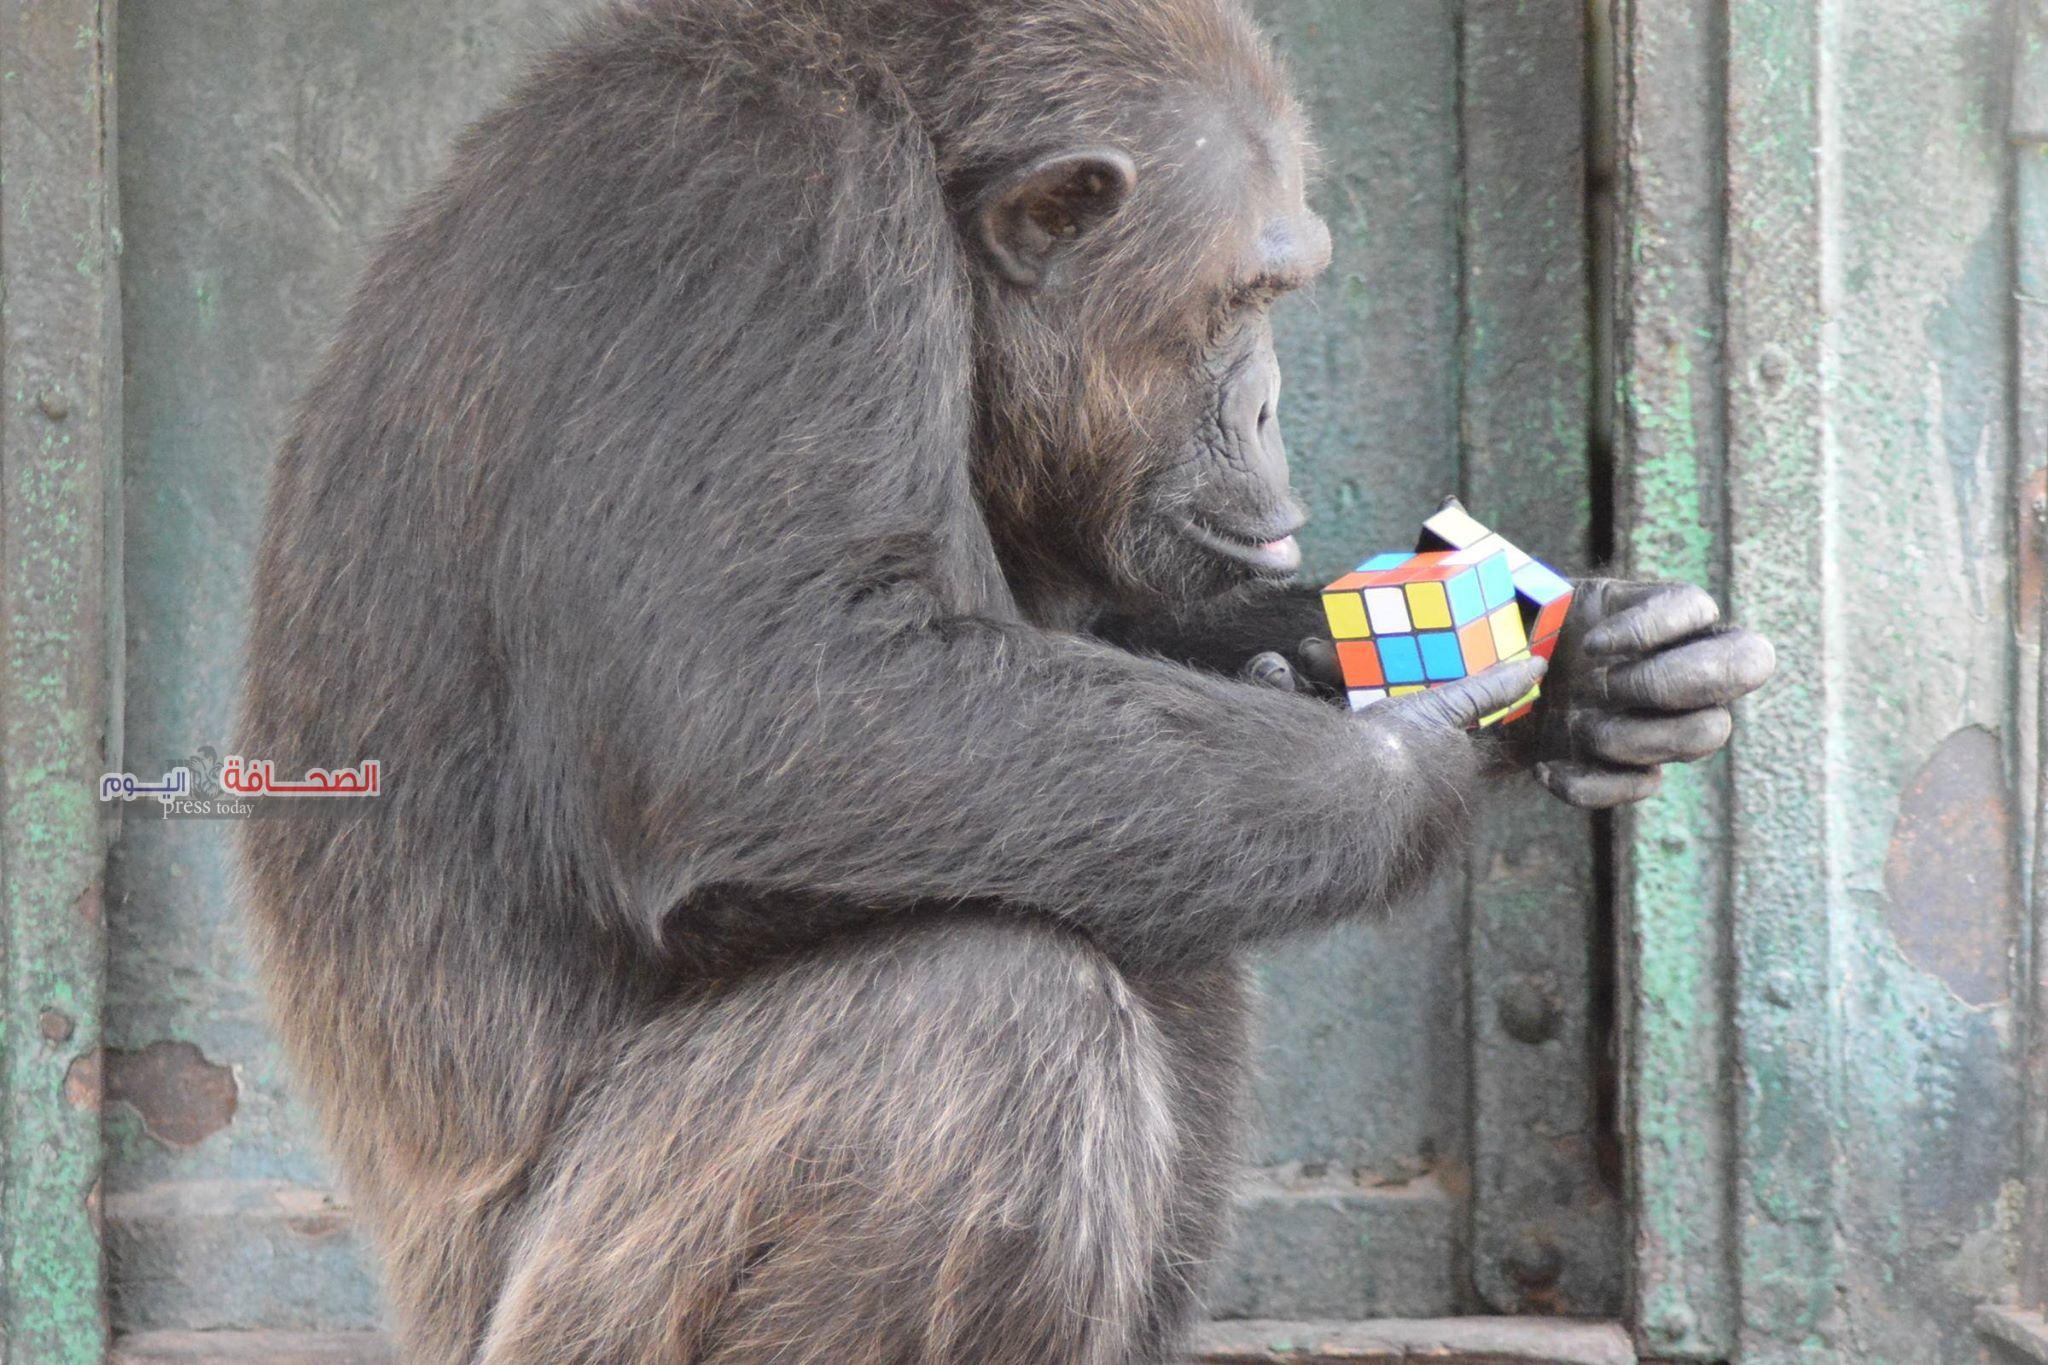 بالصور.. حديقة الحيوان بدون زوار فى العيد بسبب كورونا